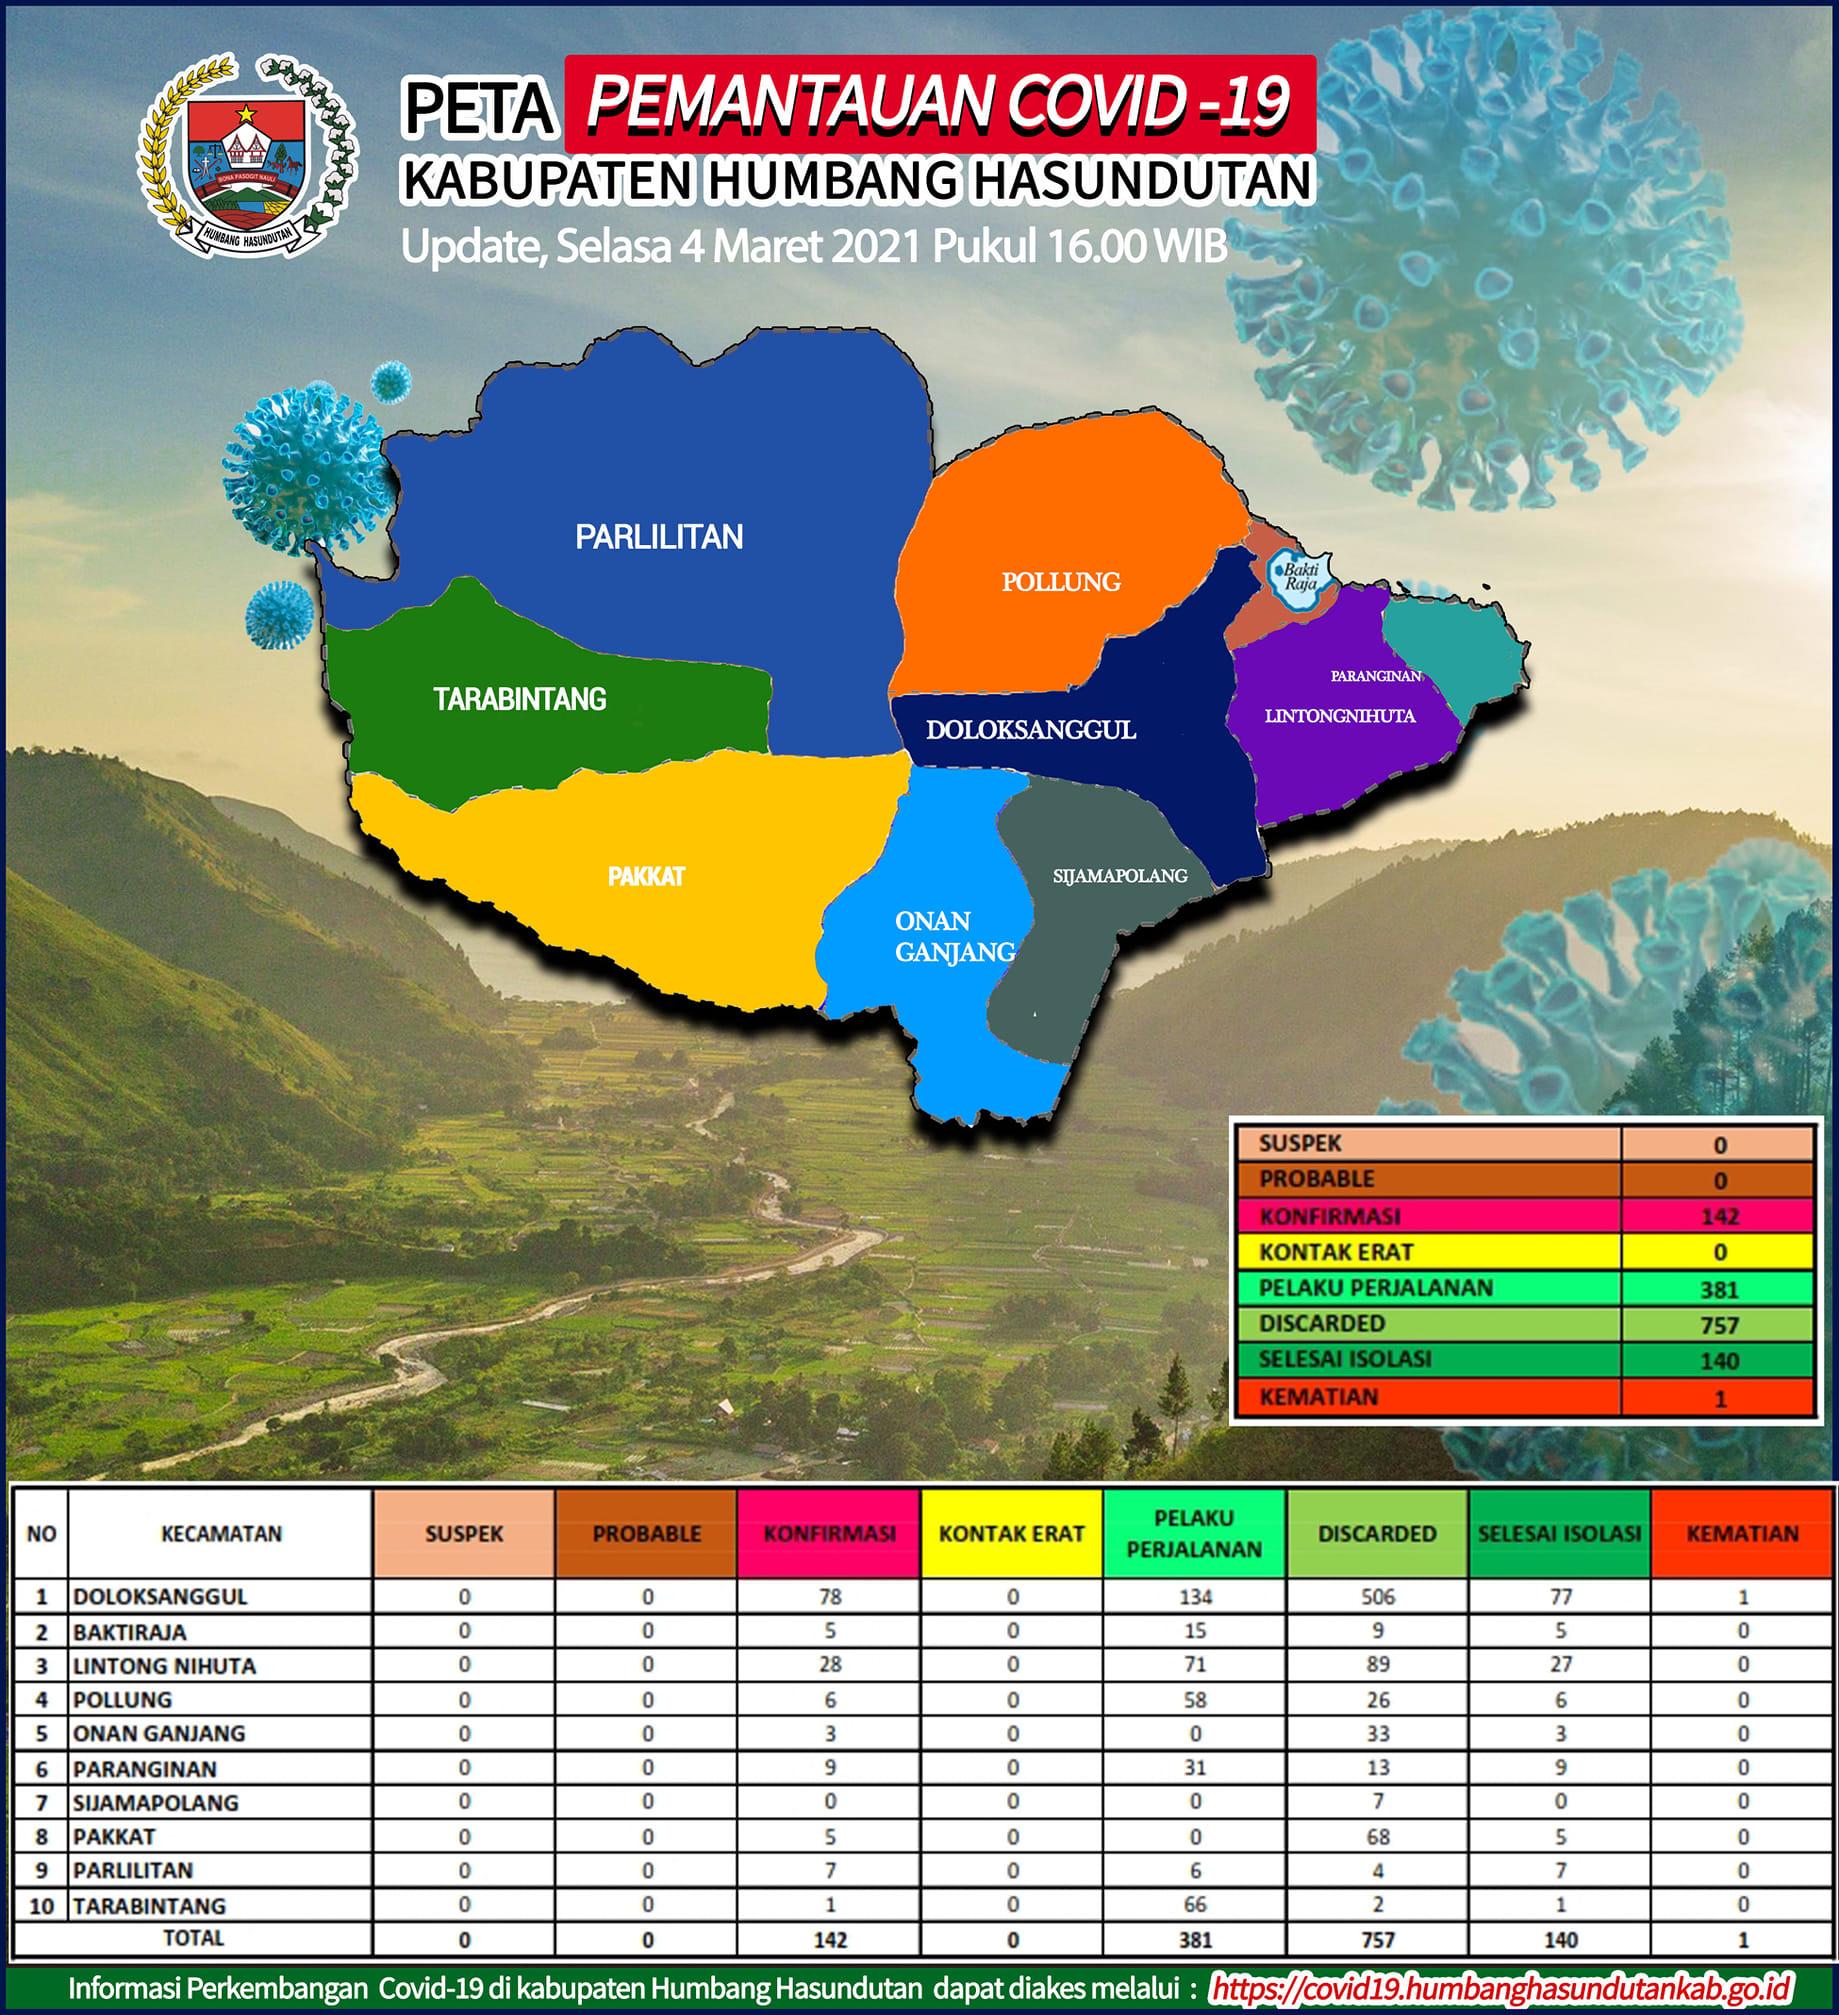 Peta Pemantauan Covid-19 Pemerintah Kabupaten Humbang Hasundutan Tanggal 4 Maret 2021 s/d pukul 16.00 WIB